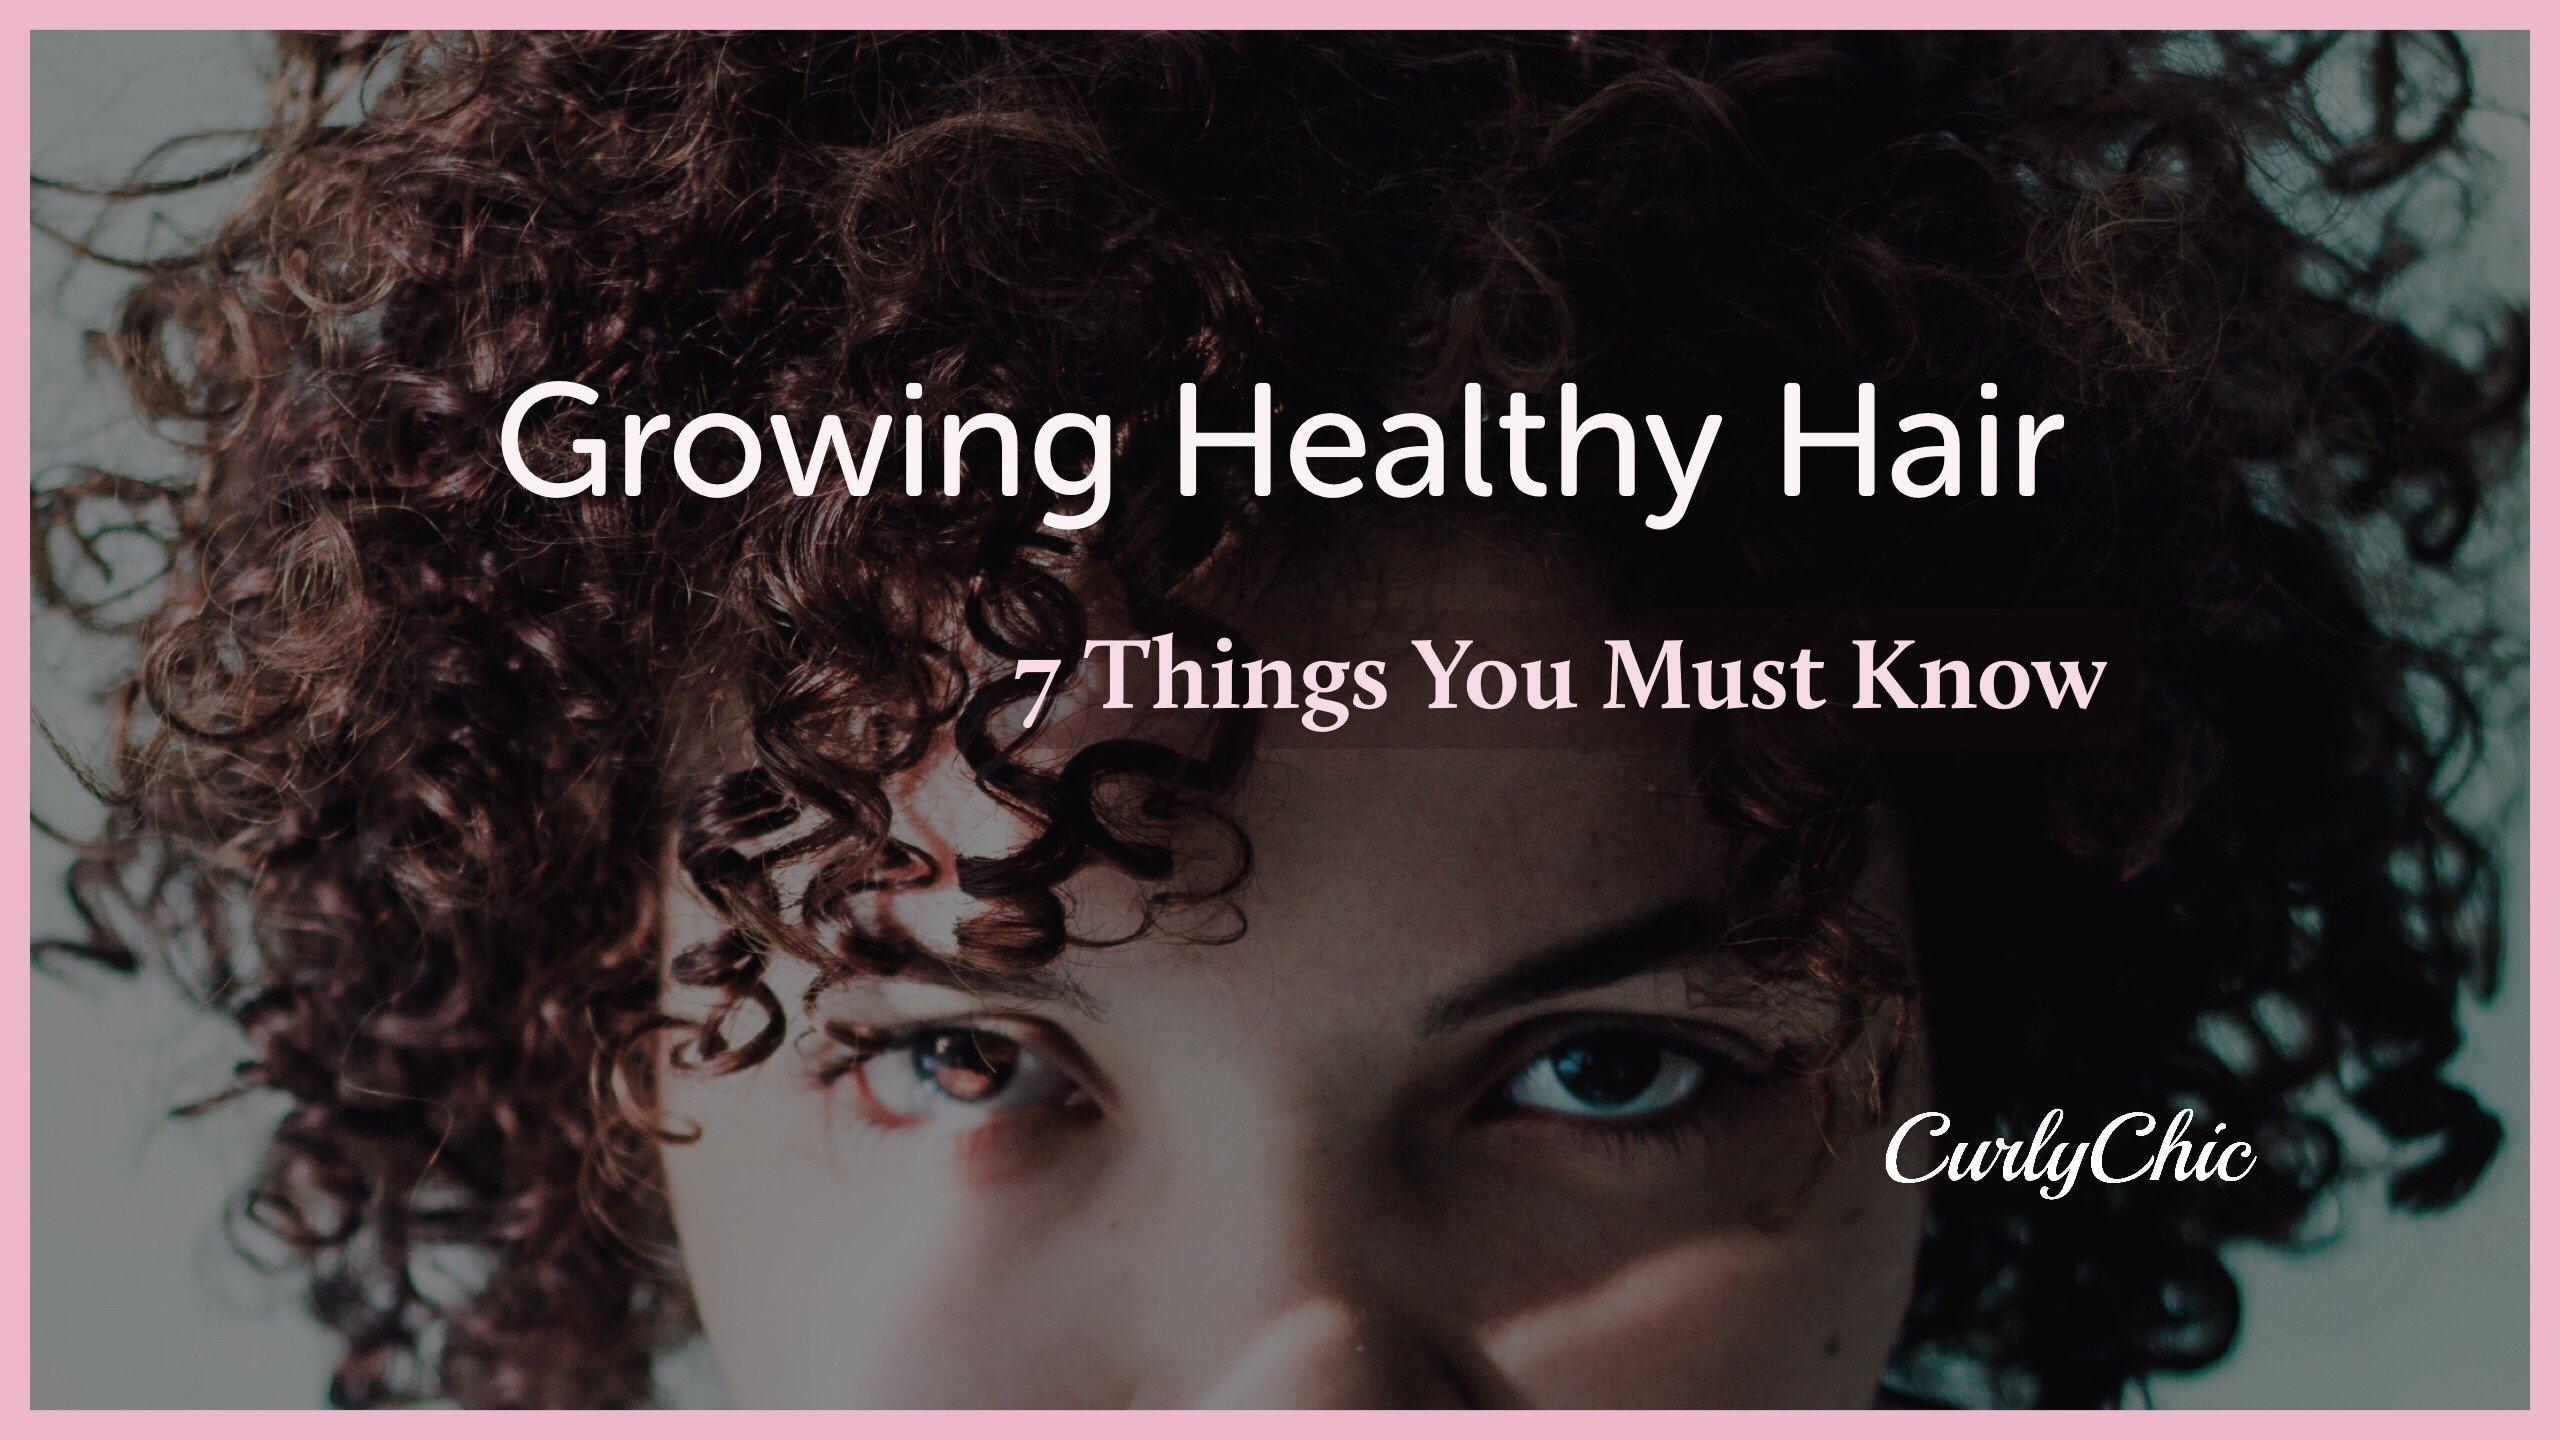 Growing healthy hair